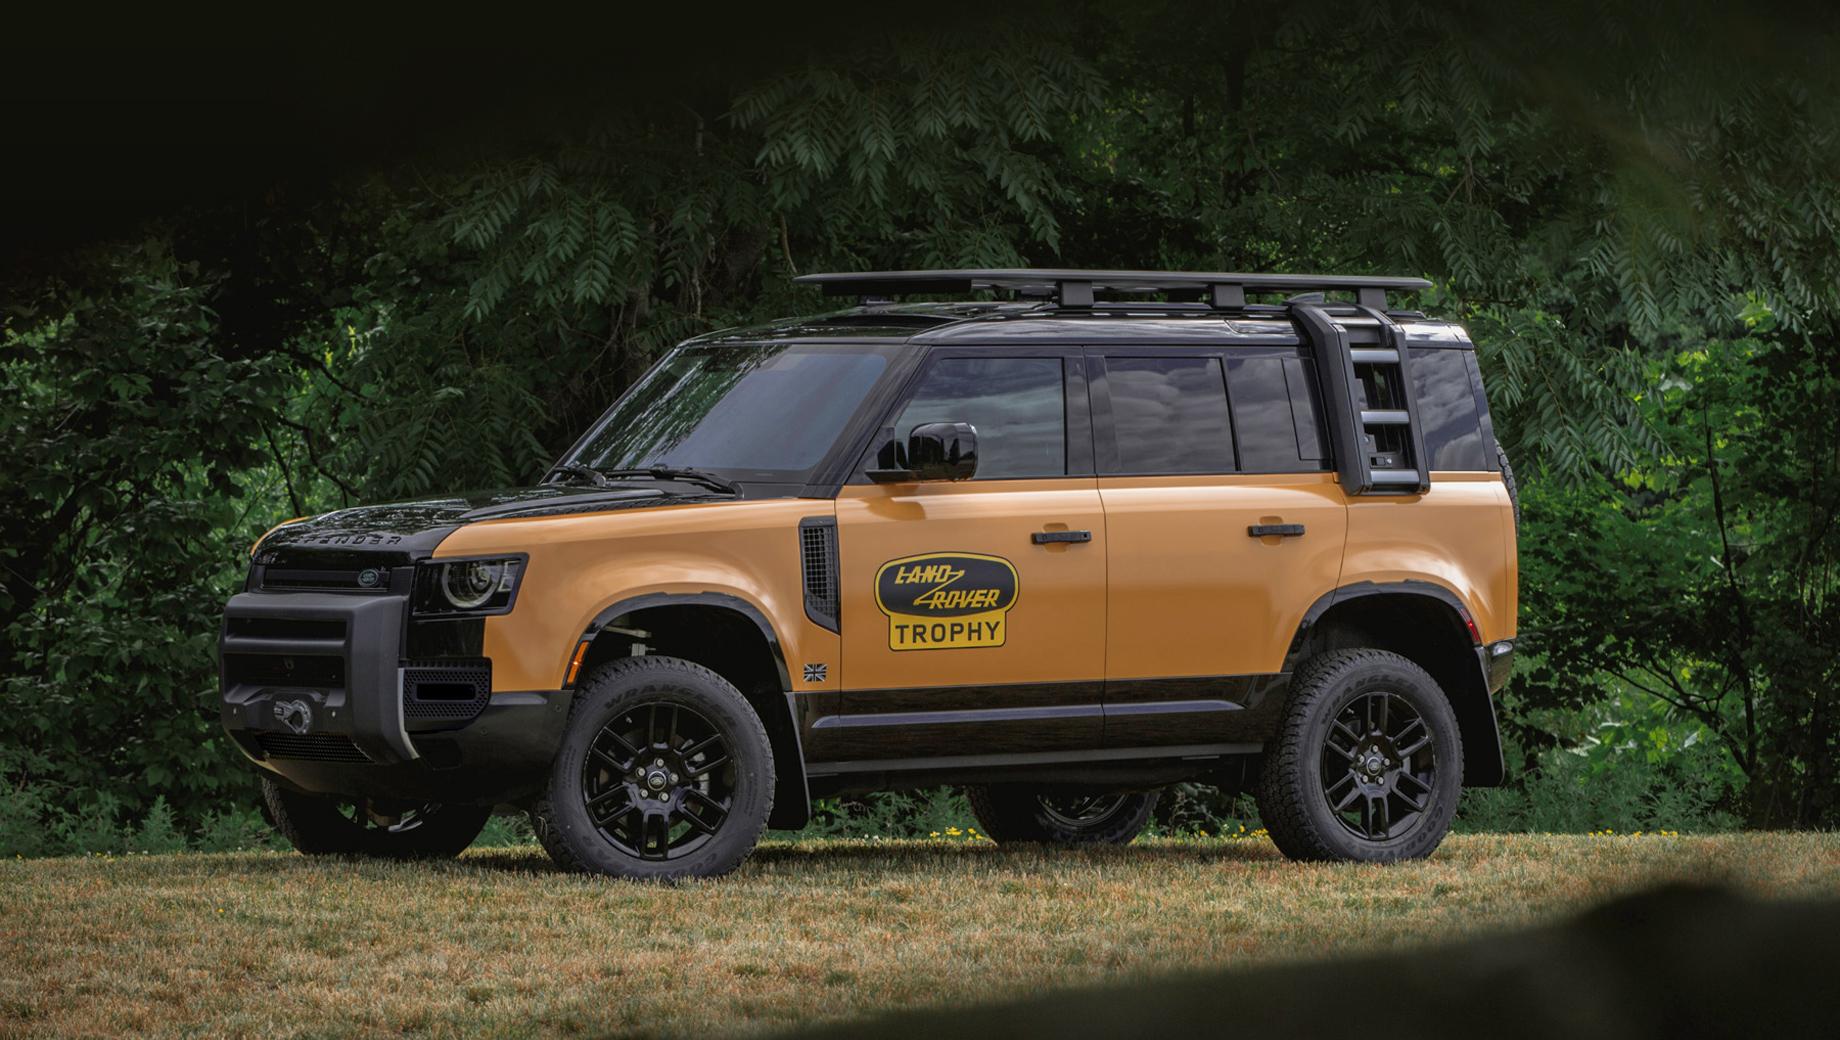 Land rover defender. Жёлто-чёрная раскраска и крупный исторический логотип Ленд Ровера на двери выделяют спецсерию уже при беглом взгляде.